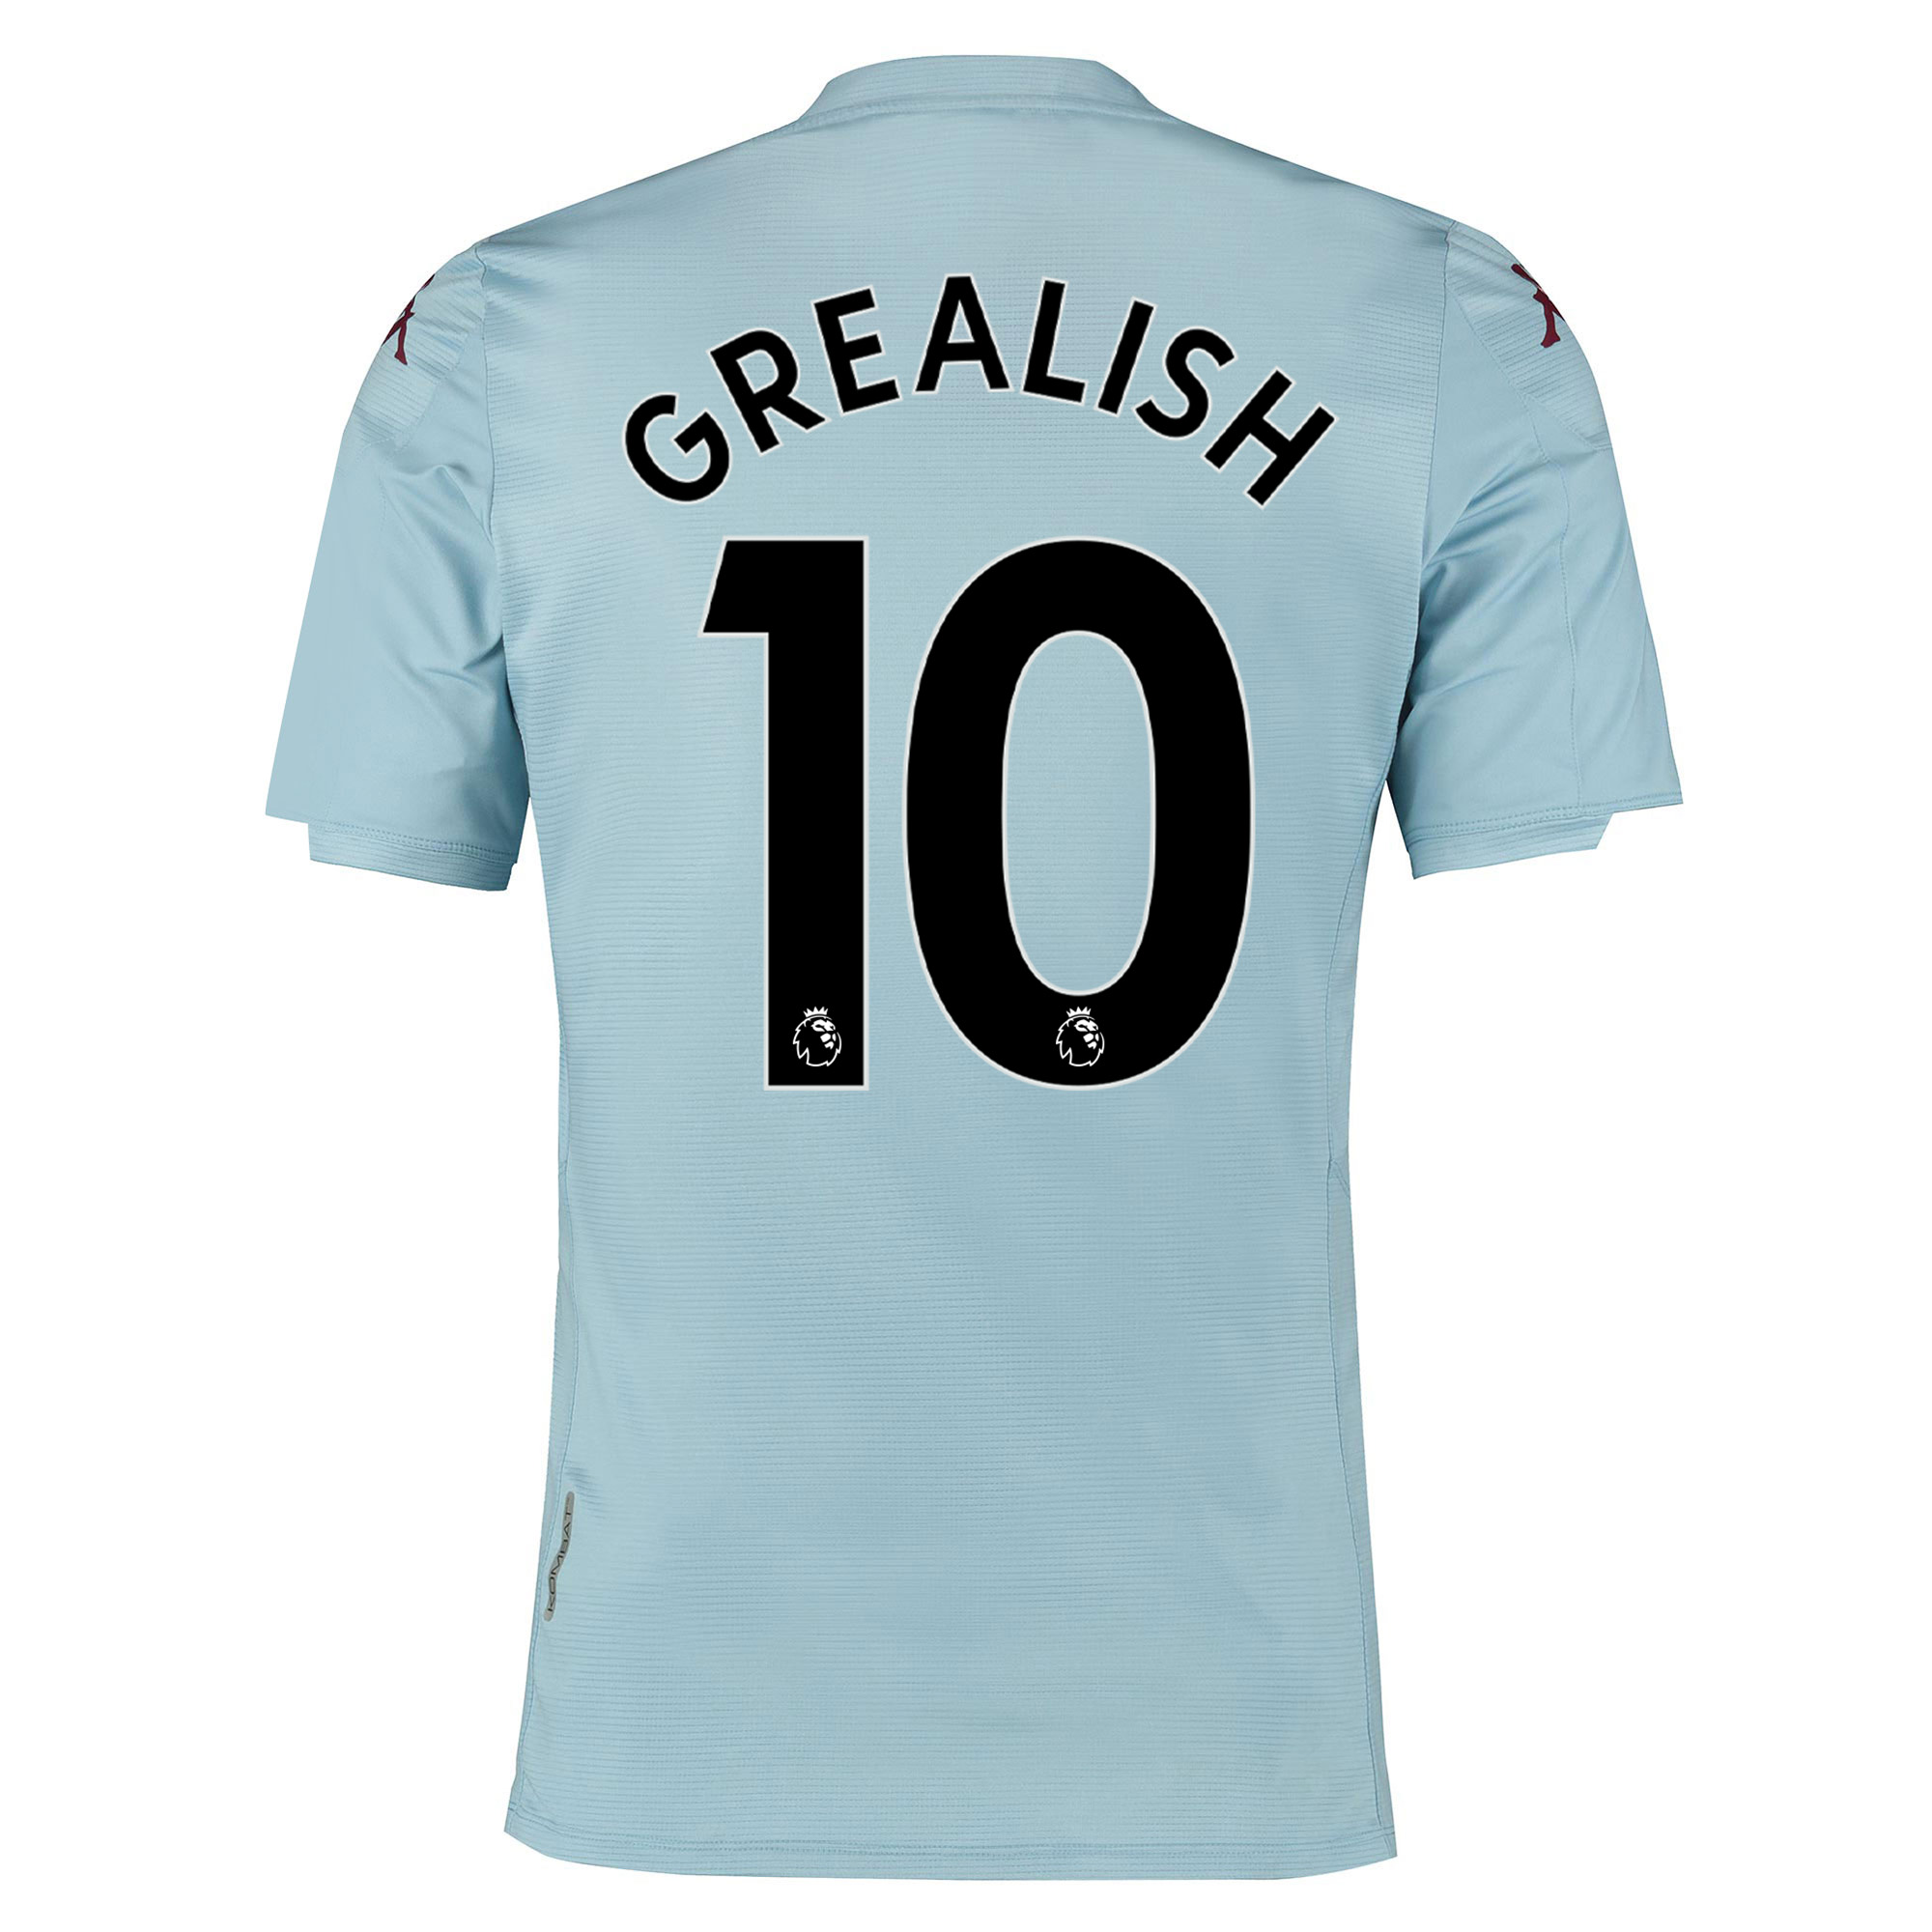 Camiseta de la 2.ª equipación del Aston Villa 2019-20 - para niños dorsal Grealish 10